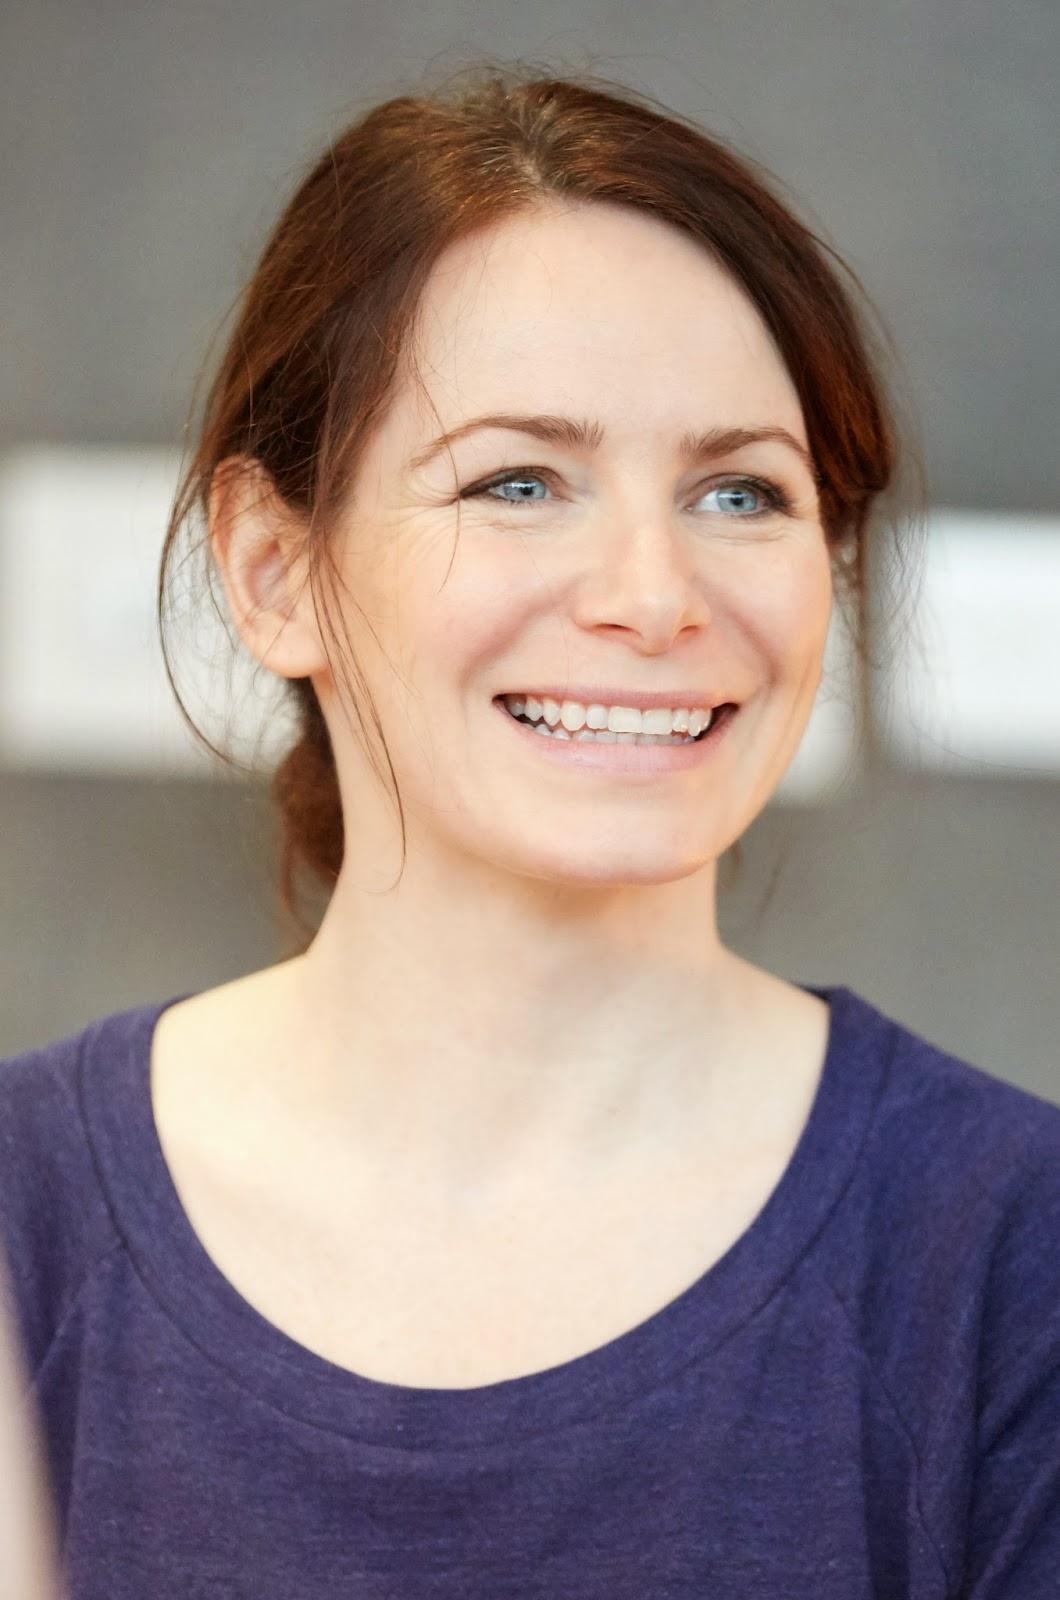 Picture of Clare Calbraith